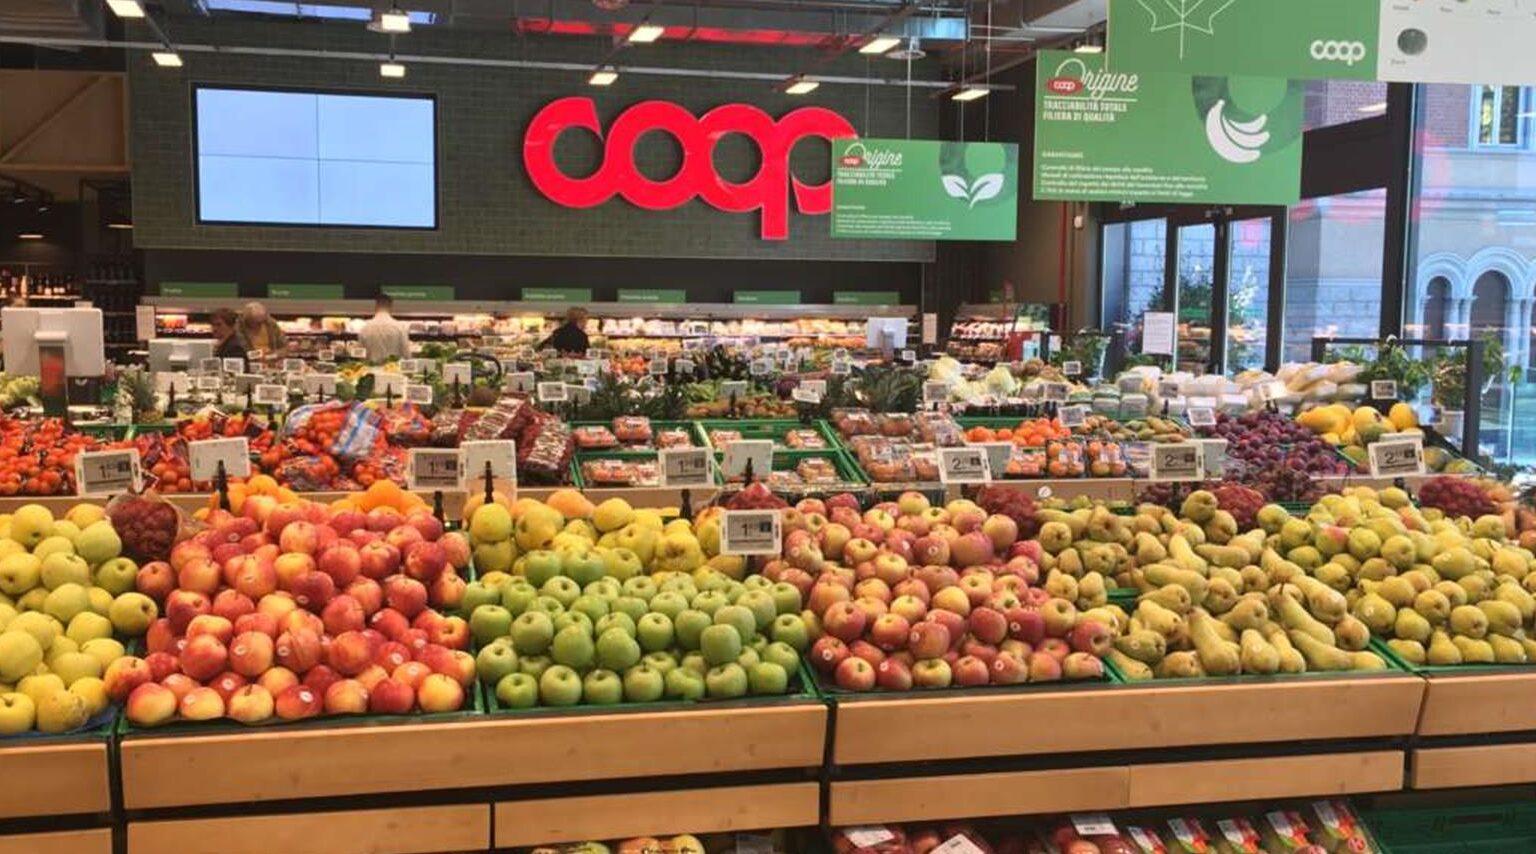 Coop, al via la campagna per il reddito di cittadinanza